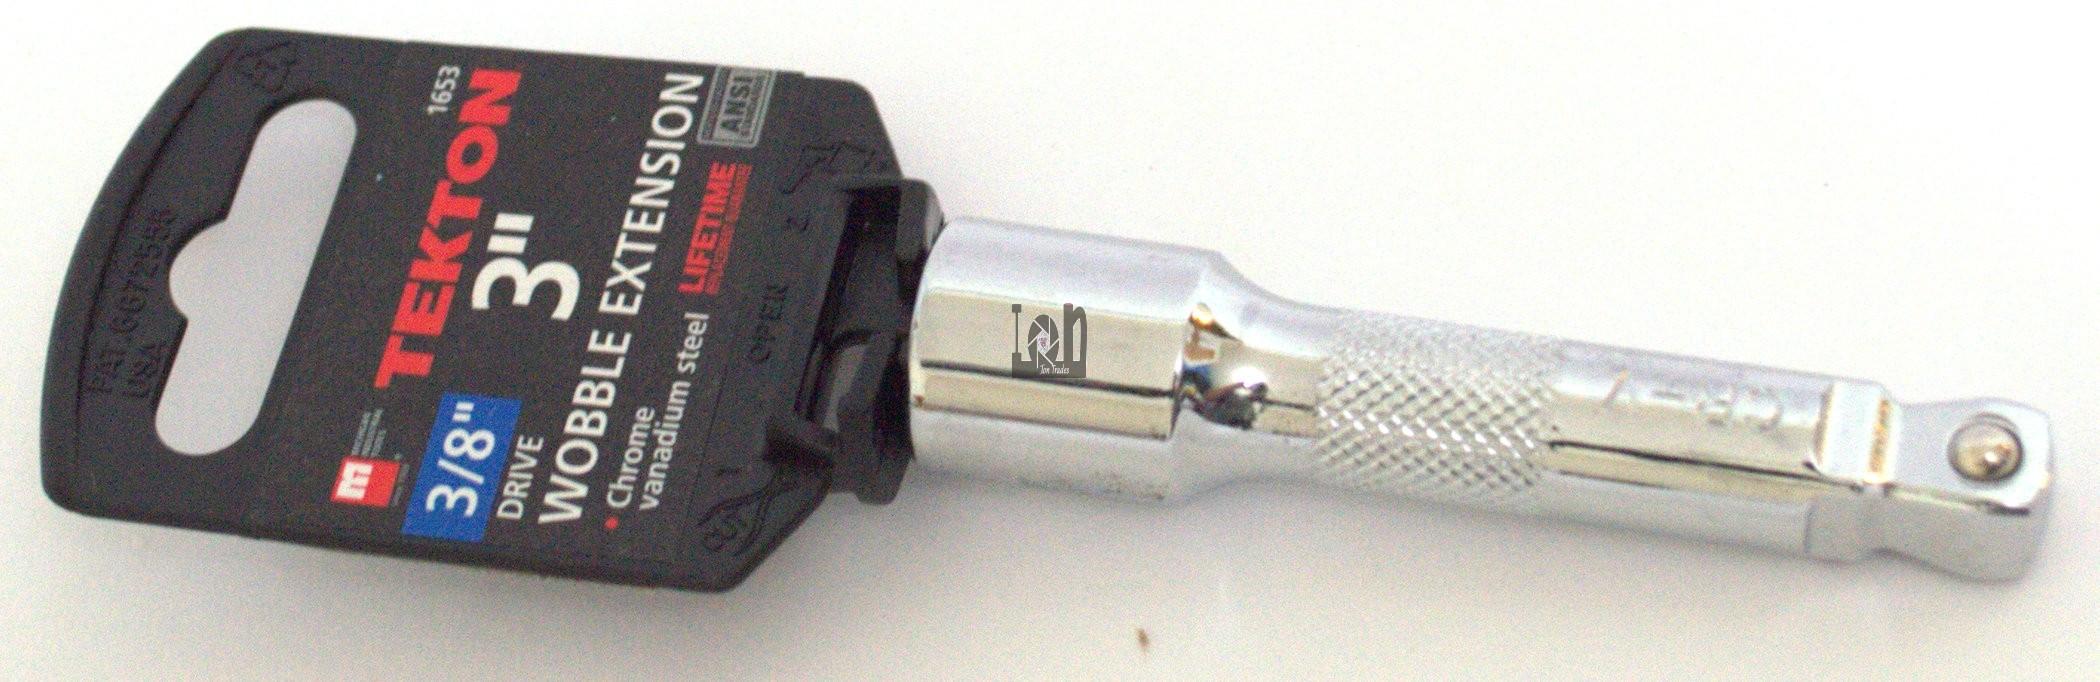 TEKTON 1653 3/8-Inch Drive Extension 3-inch Wobble Drive Cr-V